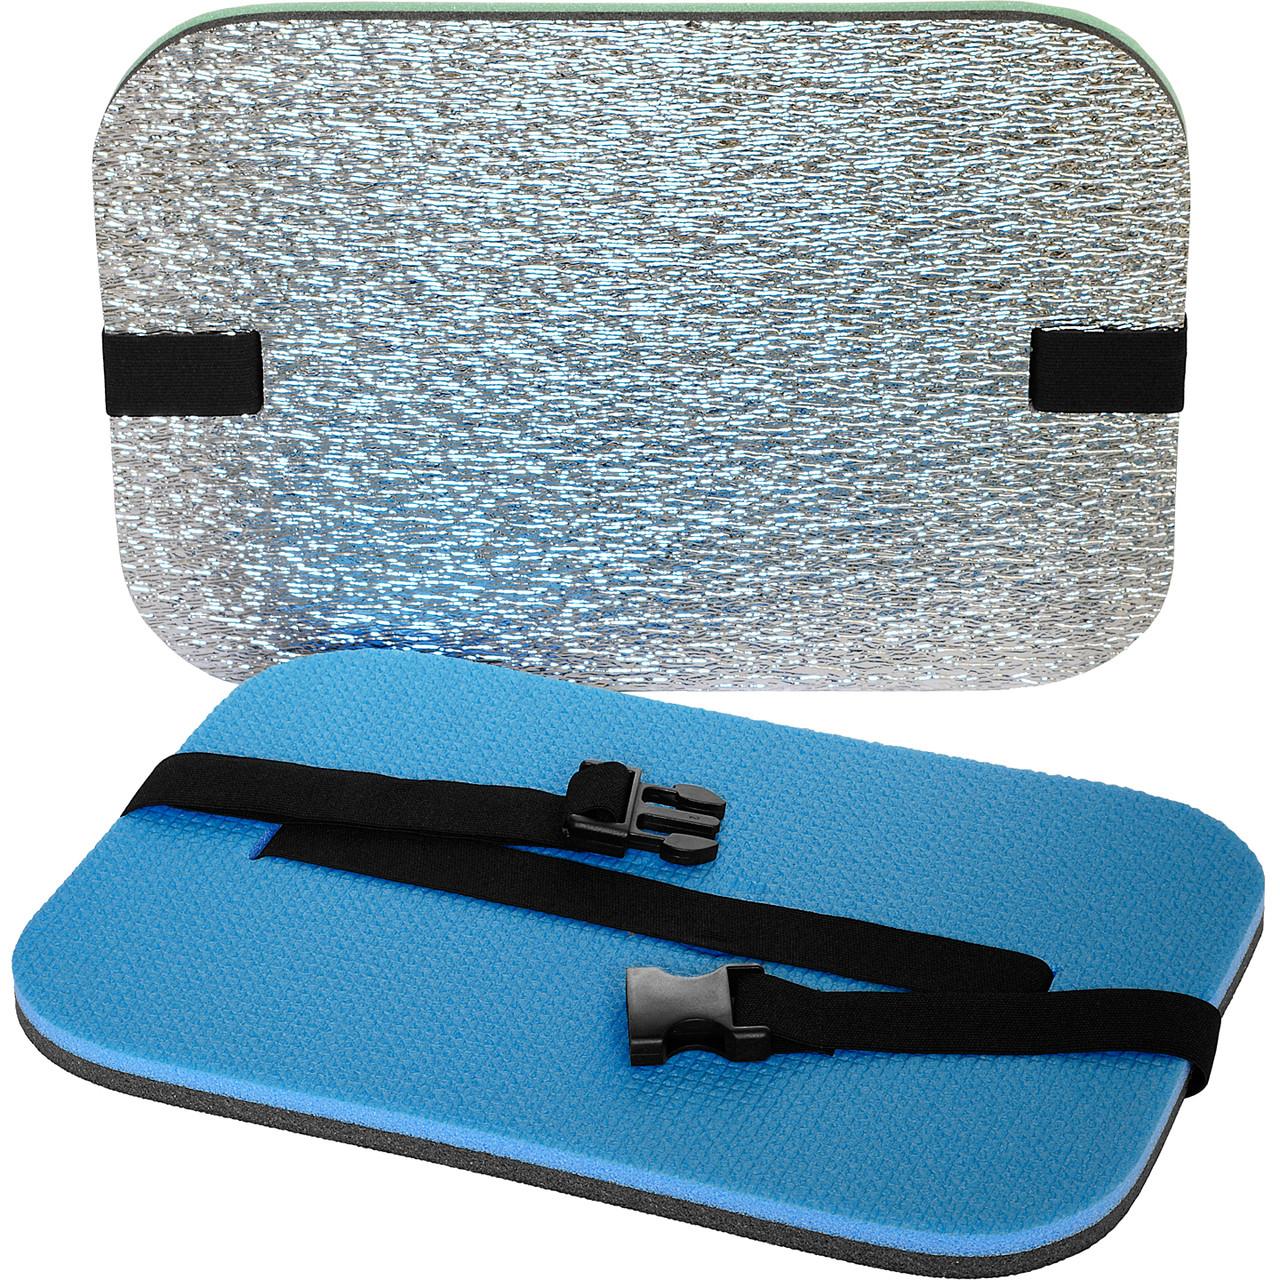 Коврик – сидушка фольгированная, теплоизоляционная 350×240×16мм